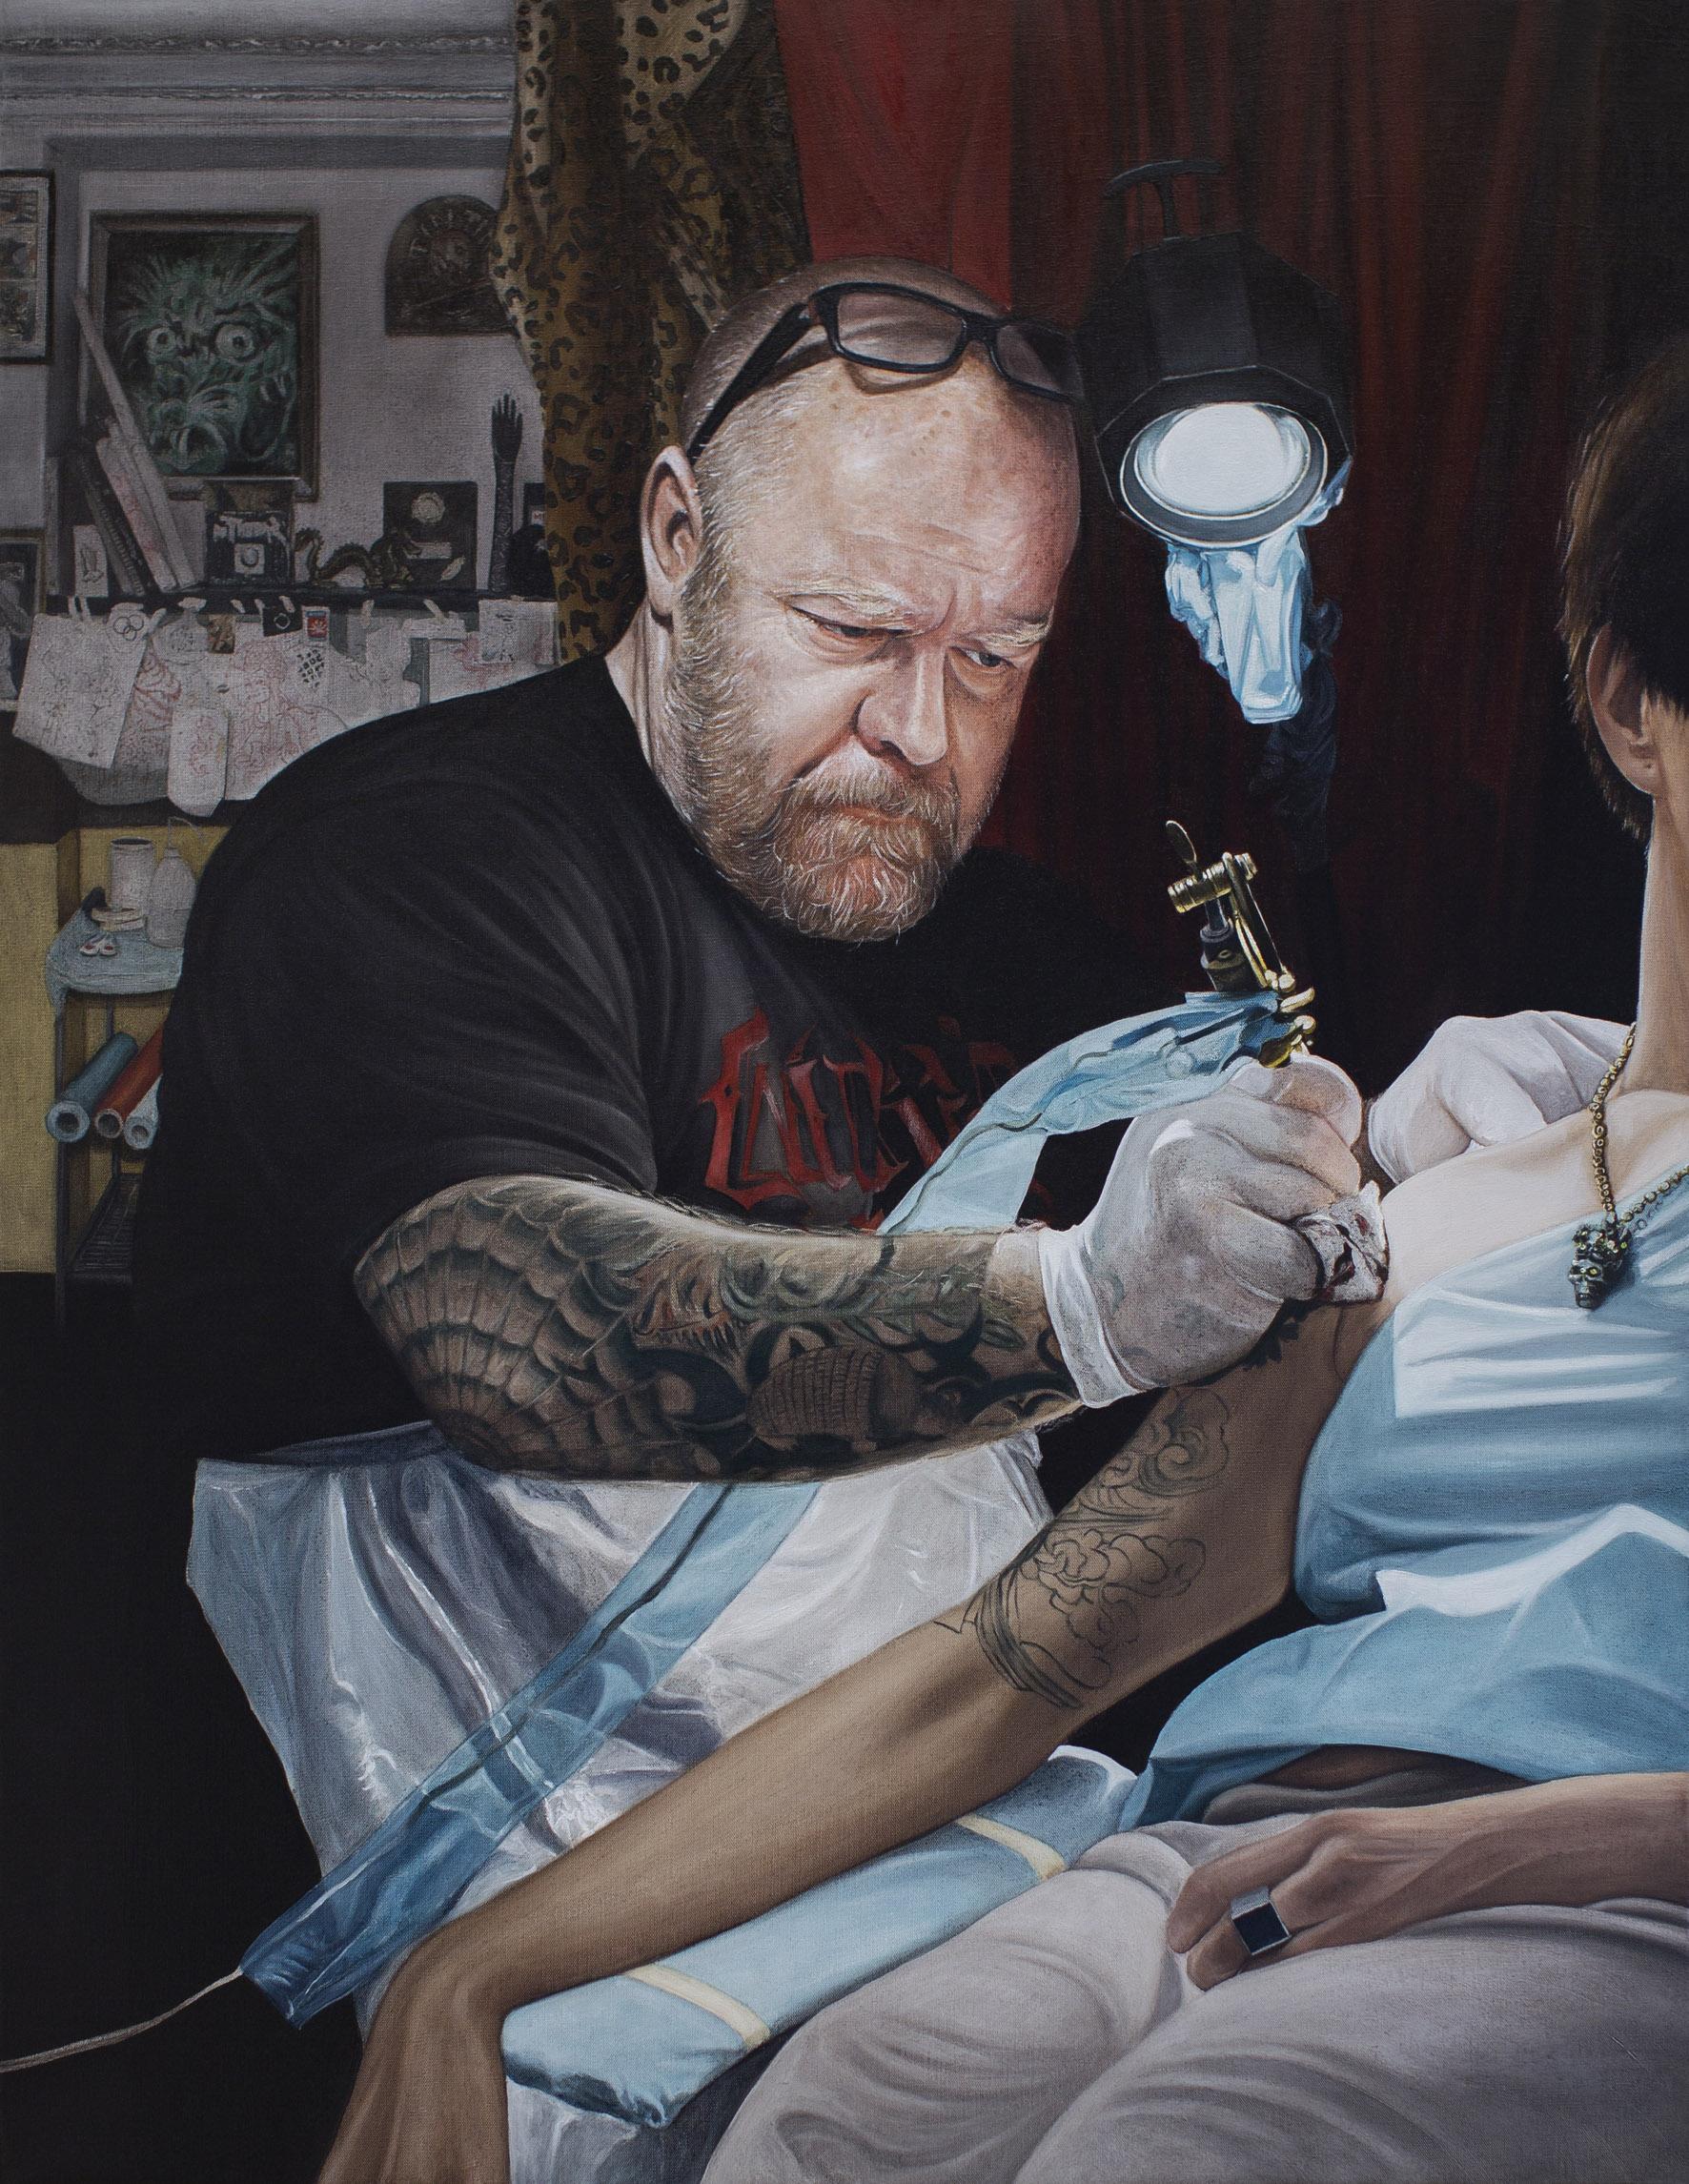 Le tatoueur, 2014. Huile sur toile / Oil on canvas. 116 x 88,5 cm